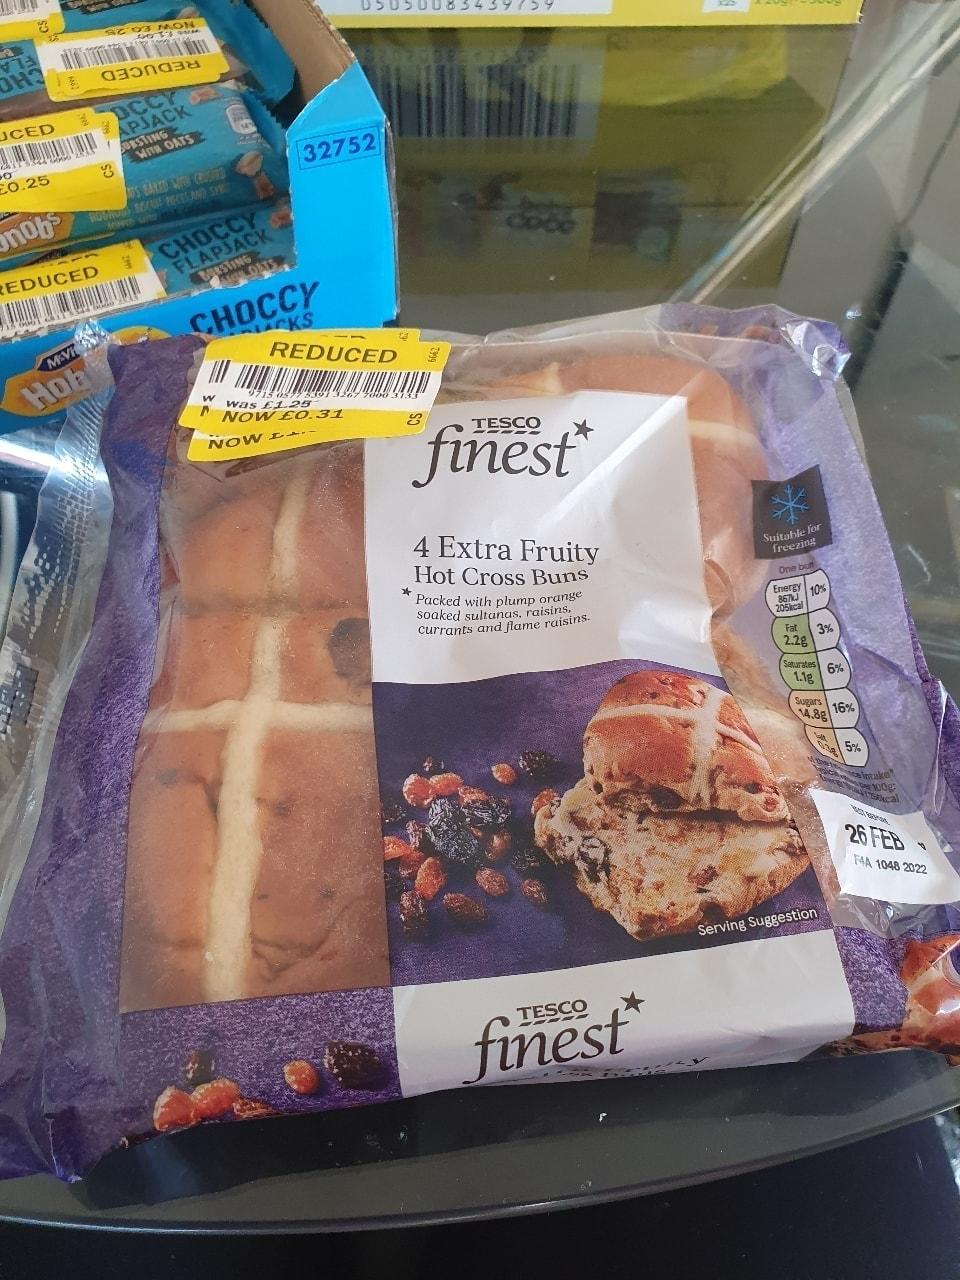 Tesco finest fruity hot cross buns